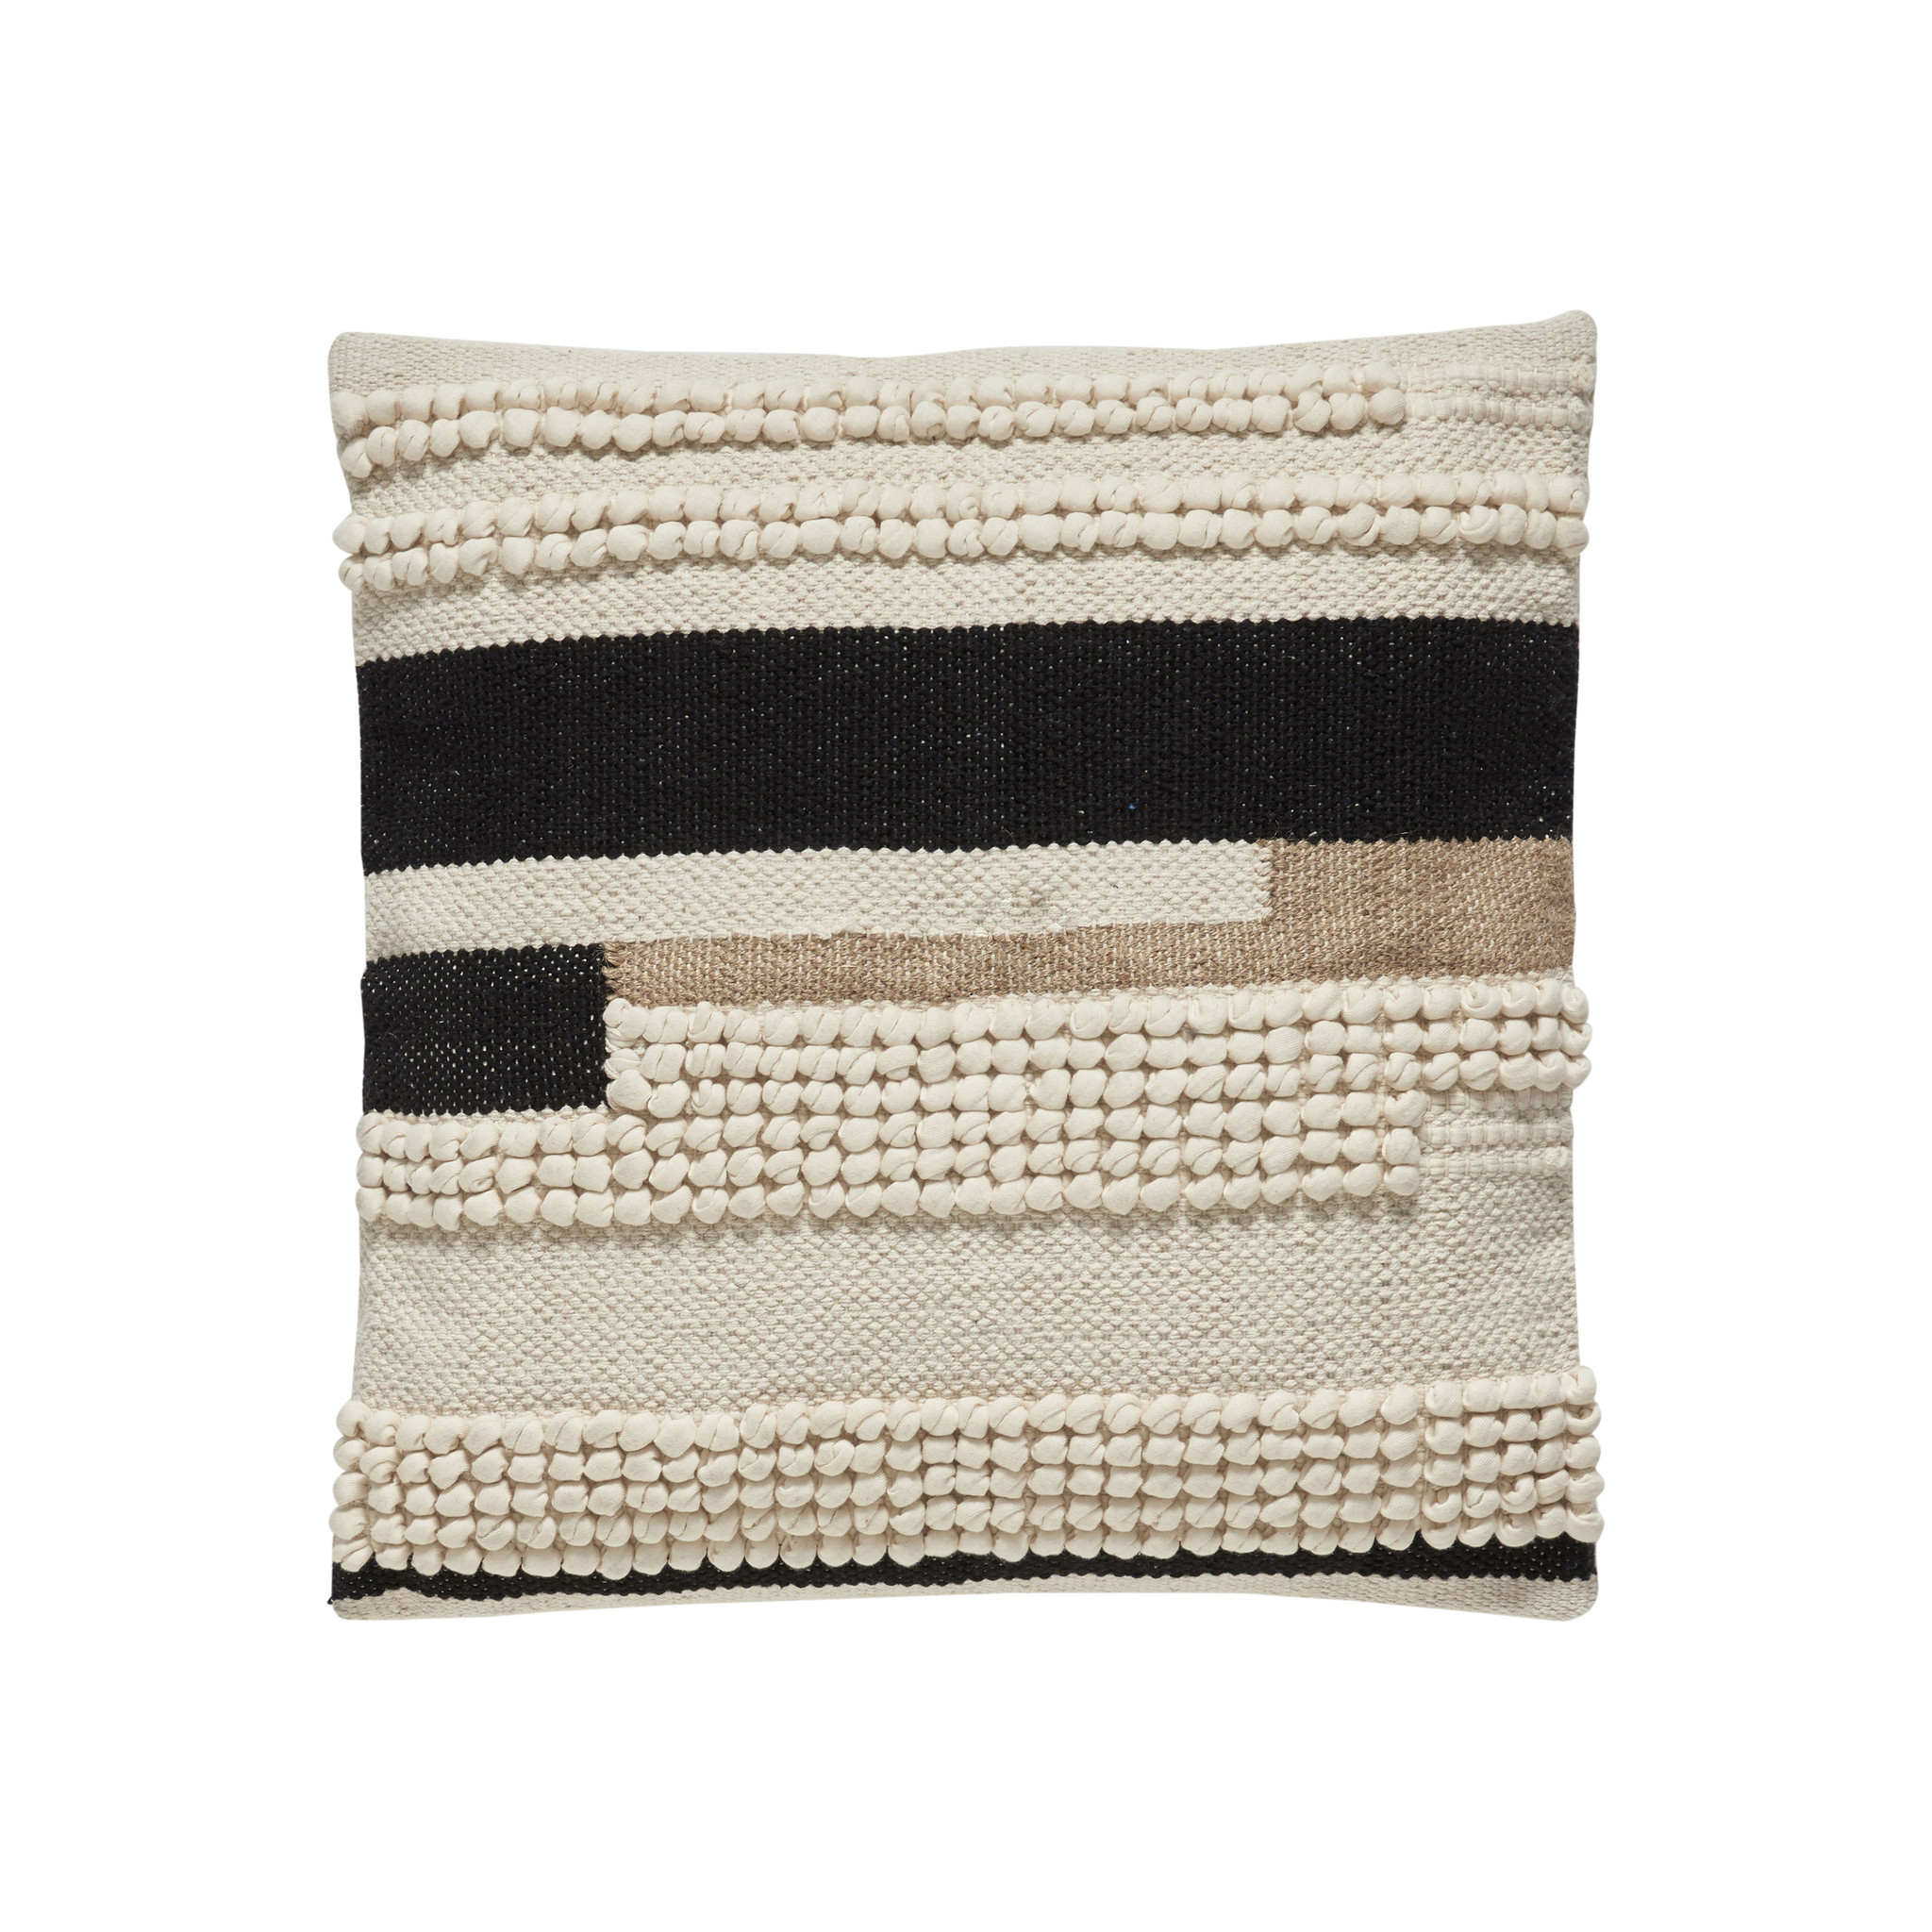 Hubsch Kussen met patroon, katoen, wit / zwart / bruin-370701-5712772065792